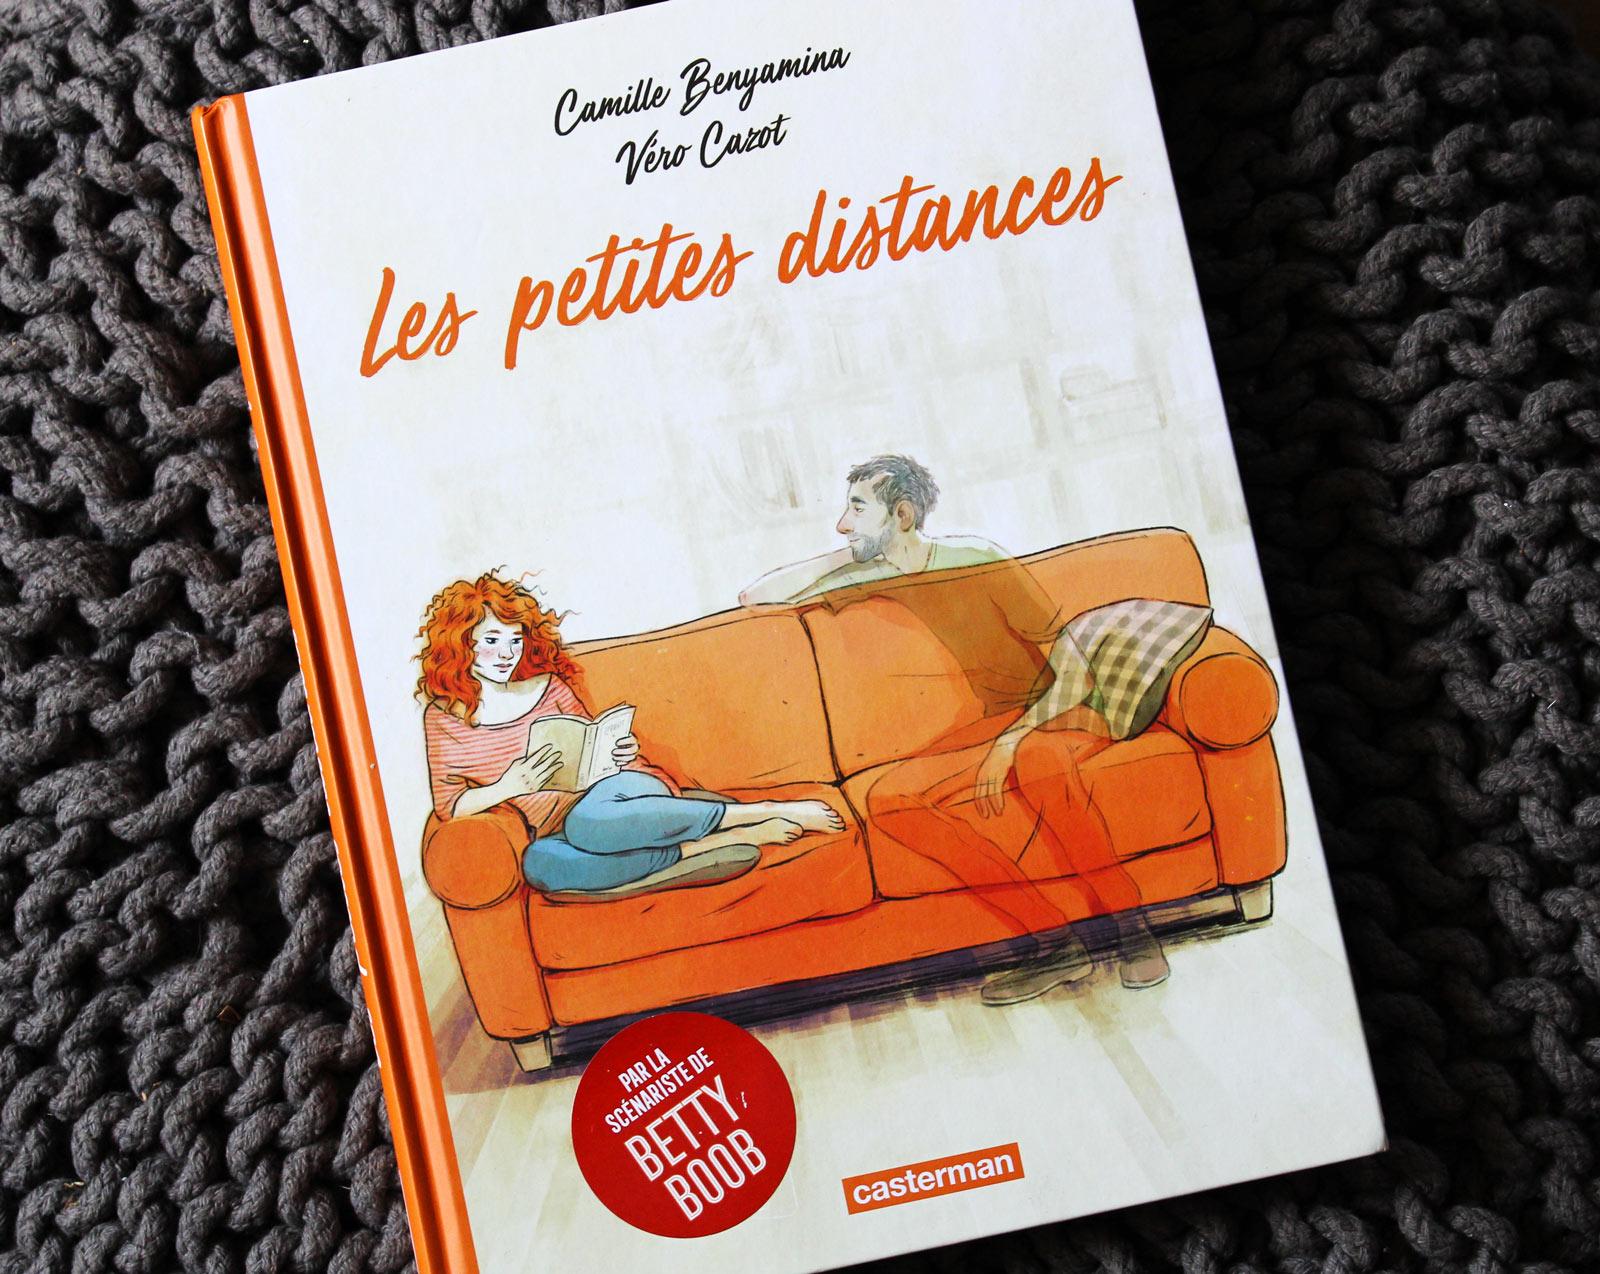 Une BD bienveillante et sans tabou : Les petites distances